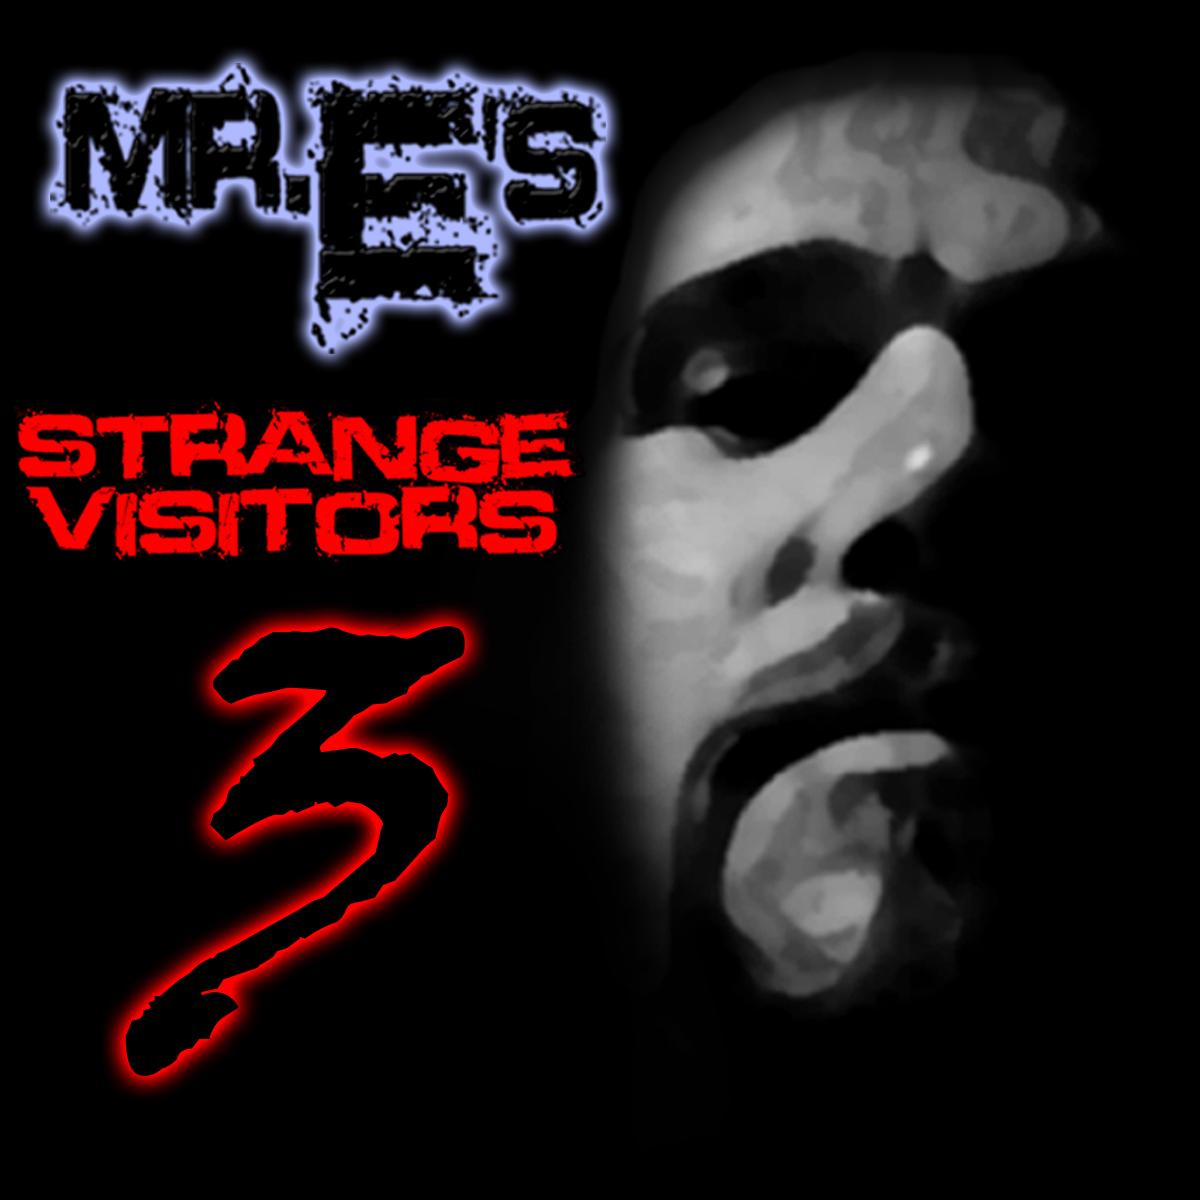 Mr E the Stranger